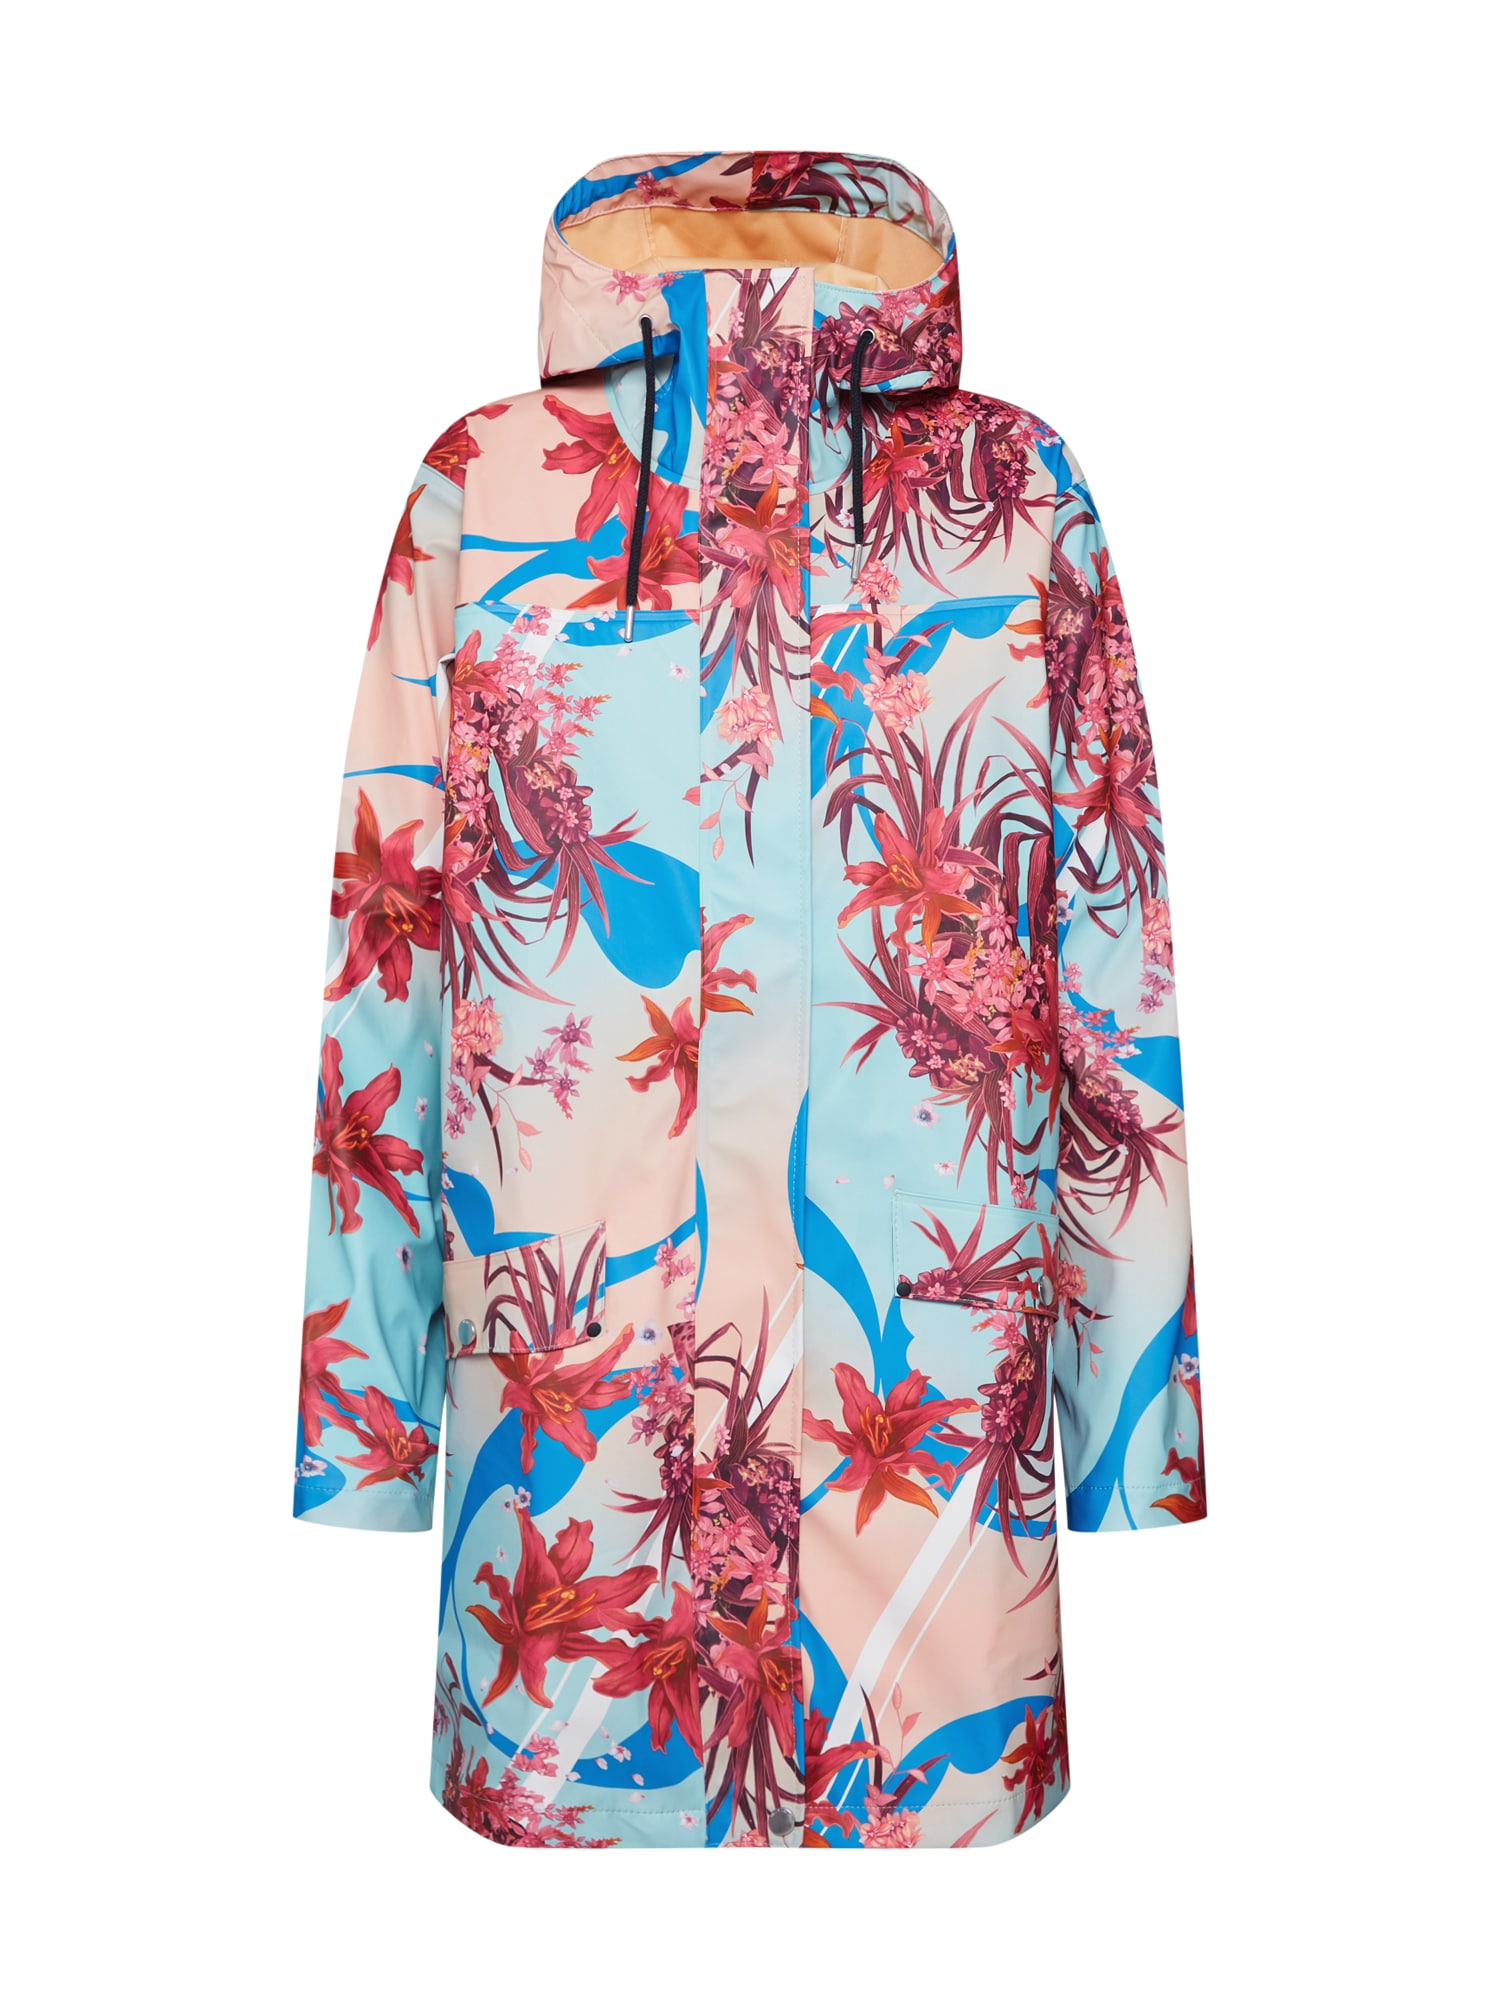 Přechodný kabát W MOSS RAIN COAT modrá mix barev pink HELLY HANSEN